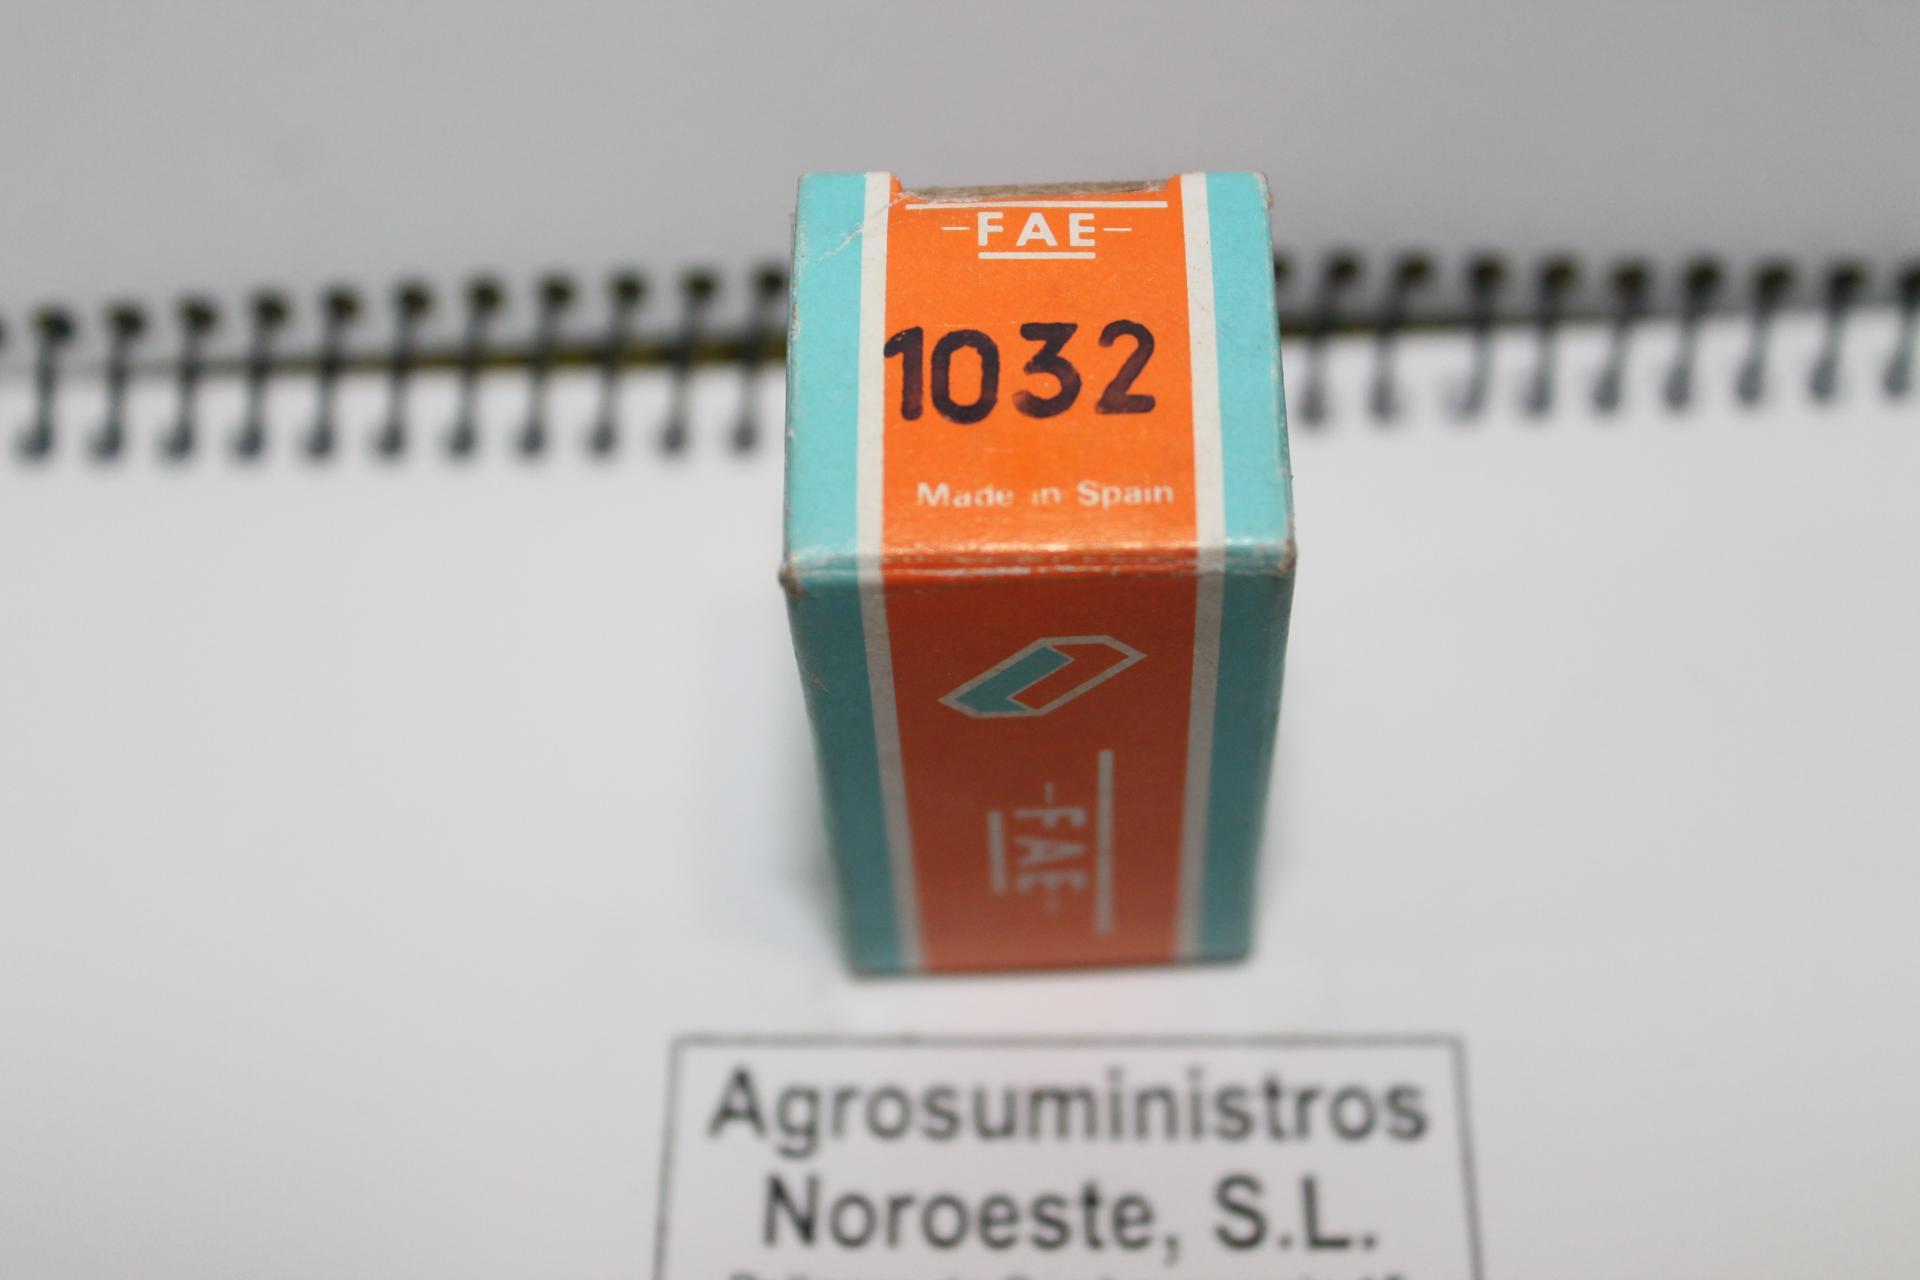 Manocontacto FAE 1032